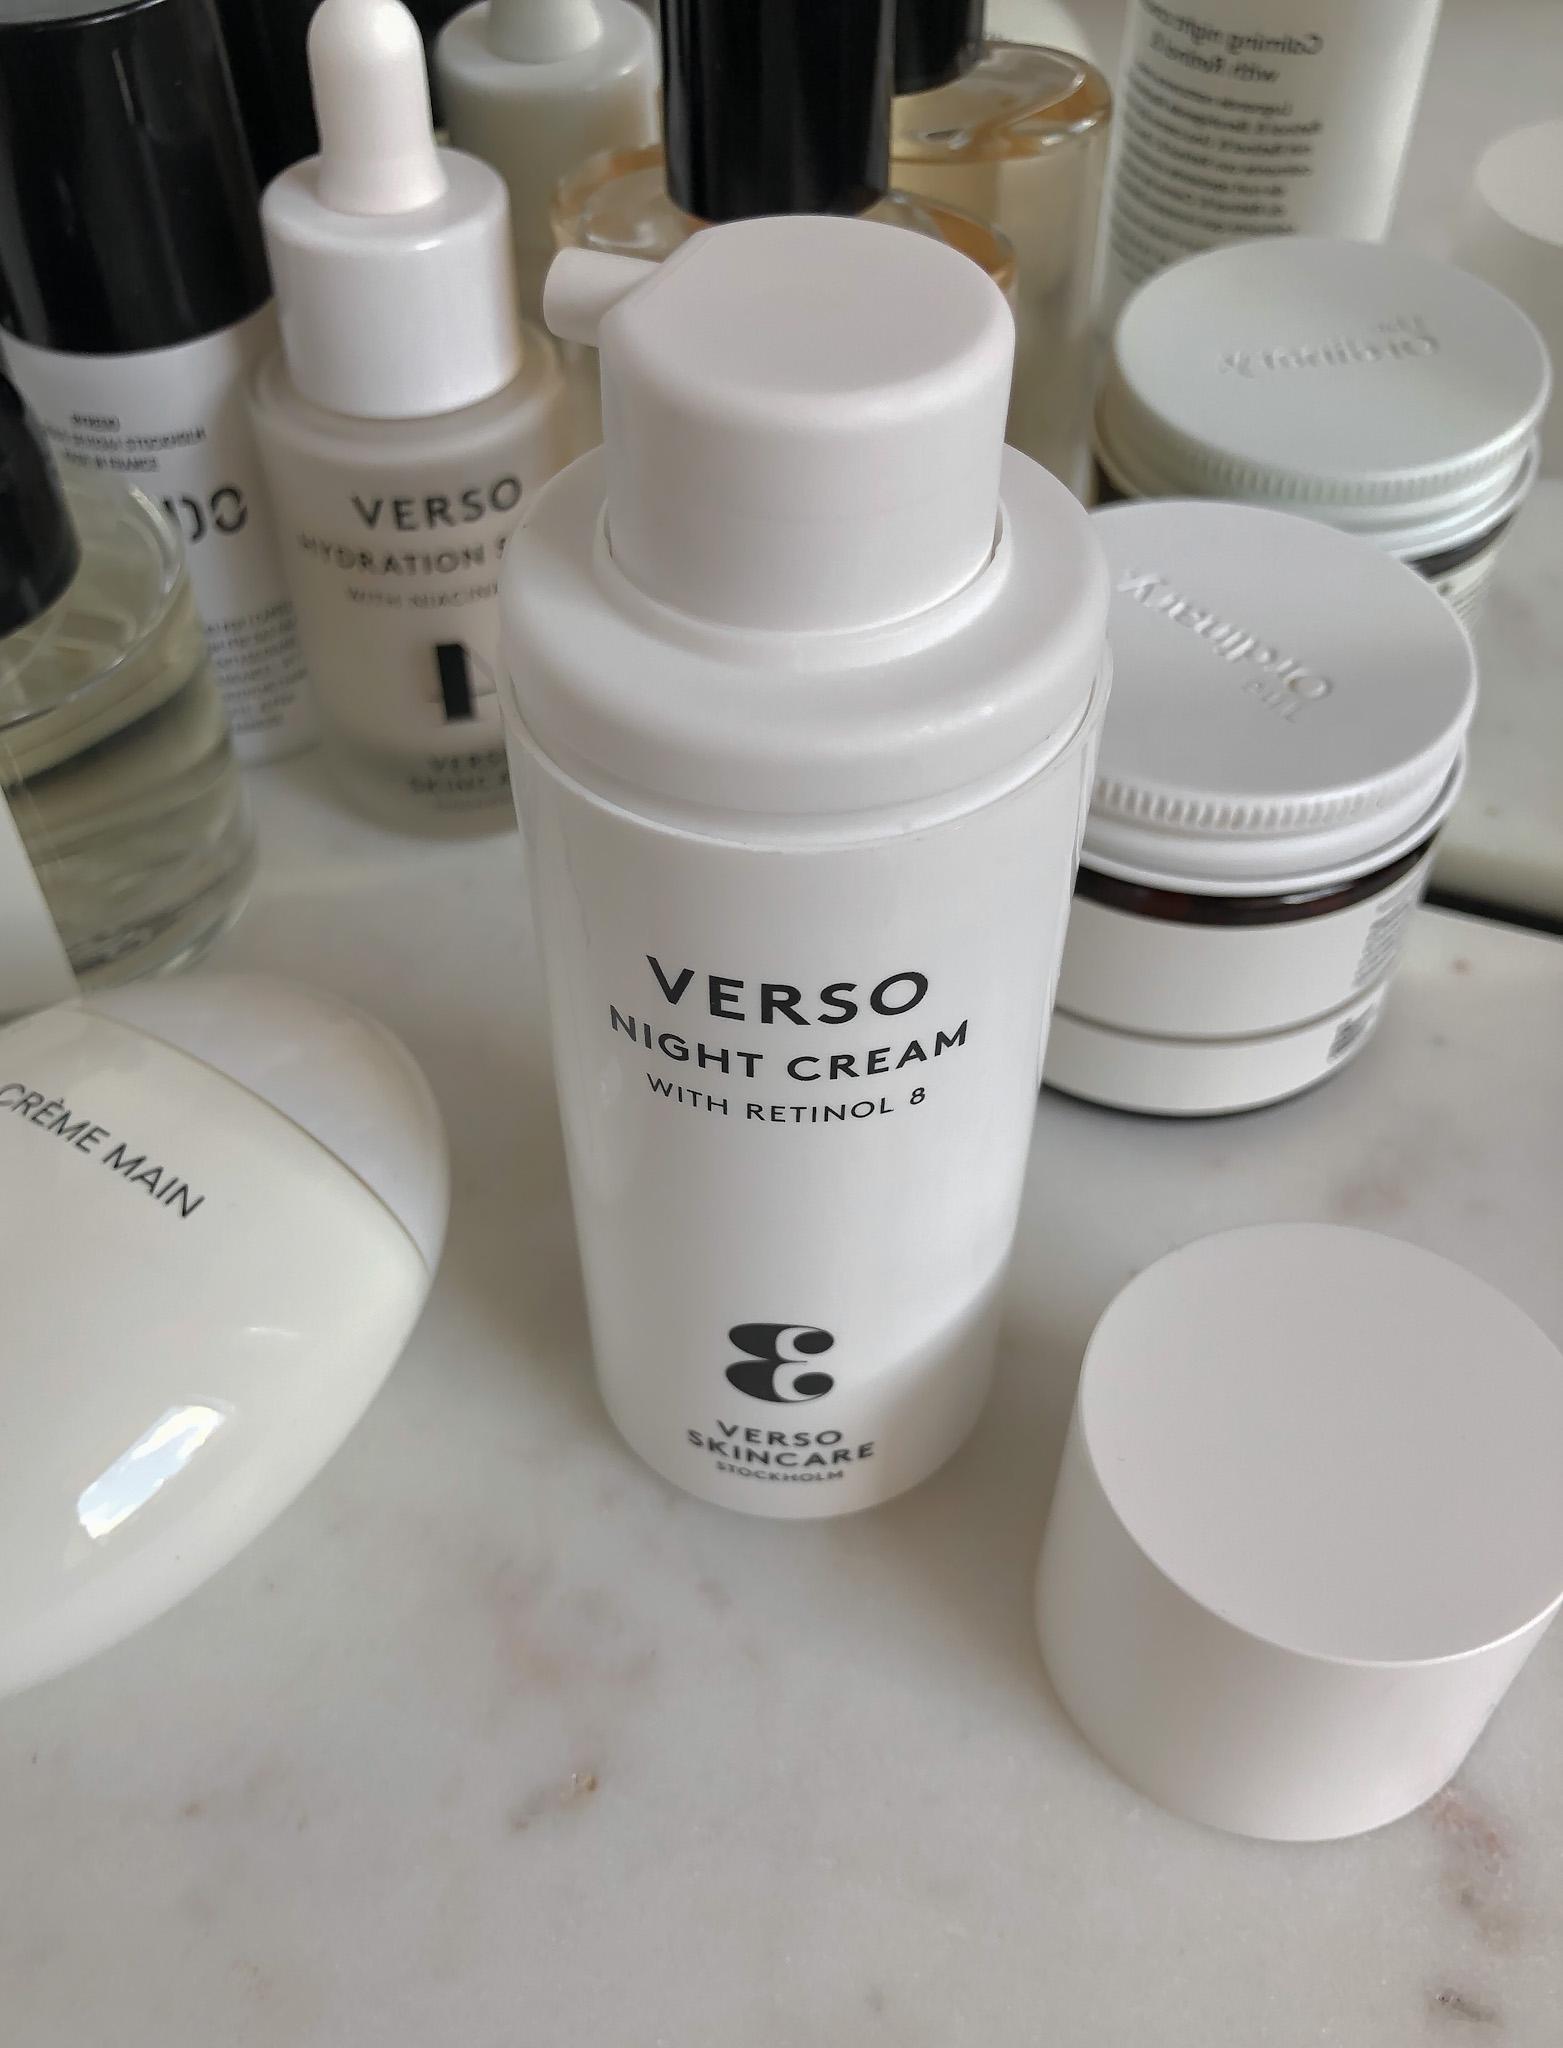 Verso Night Cream Recenzija